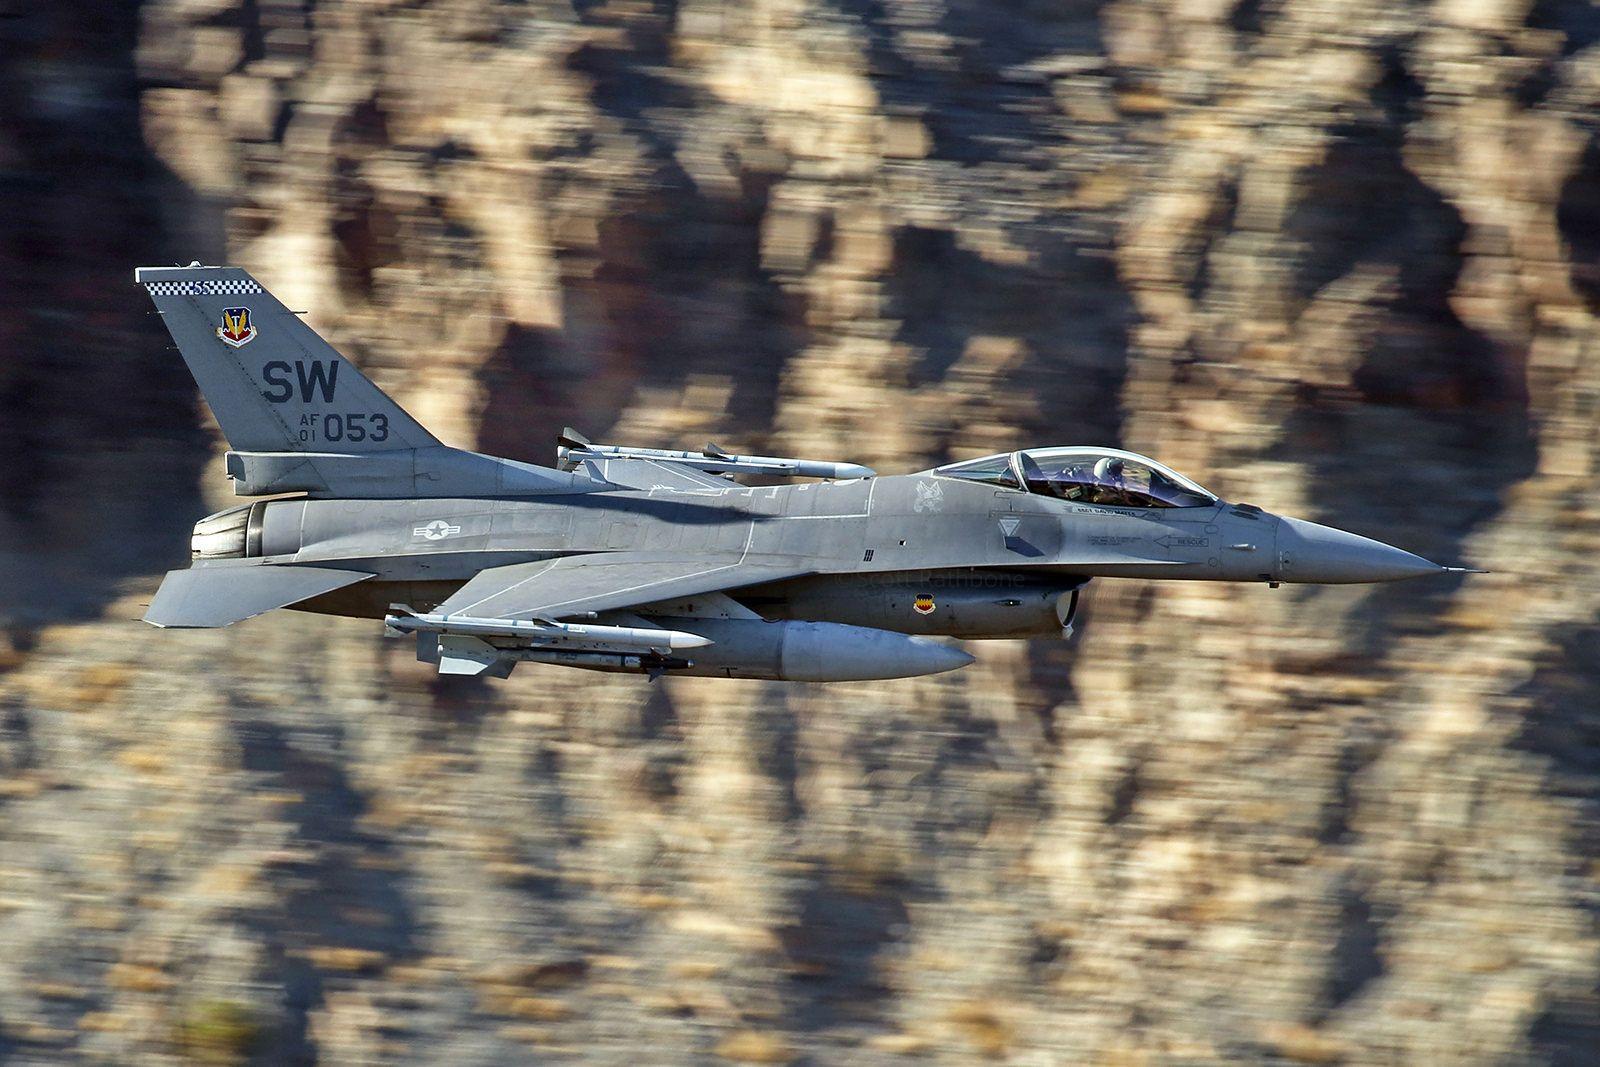 F 16C 01 7053 SW